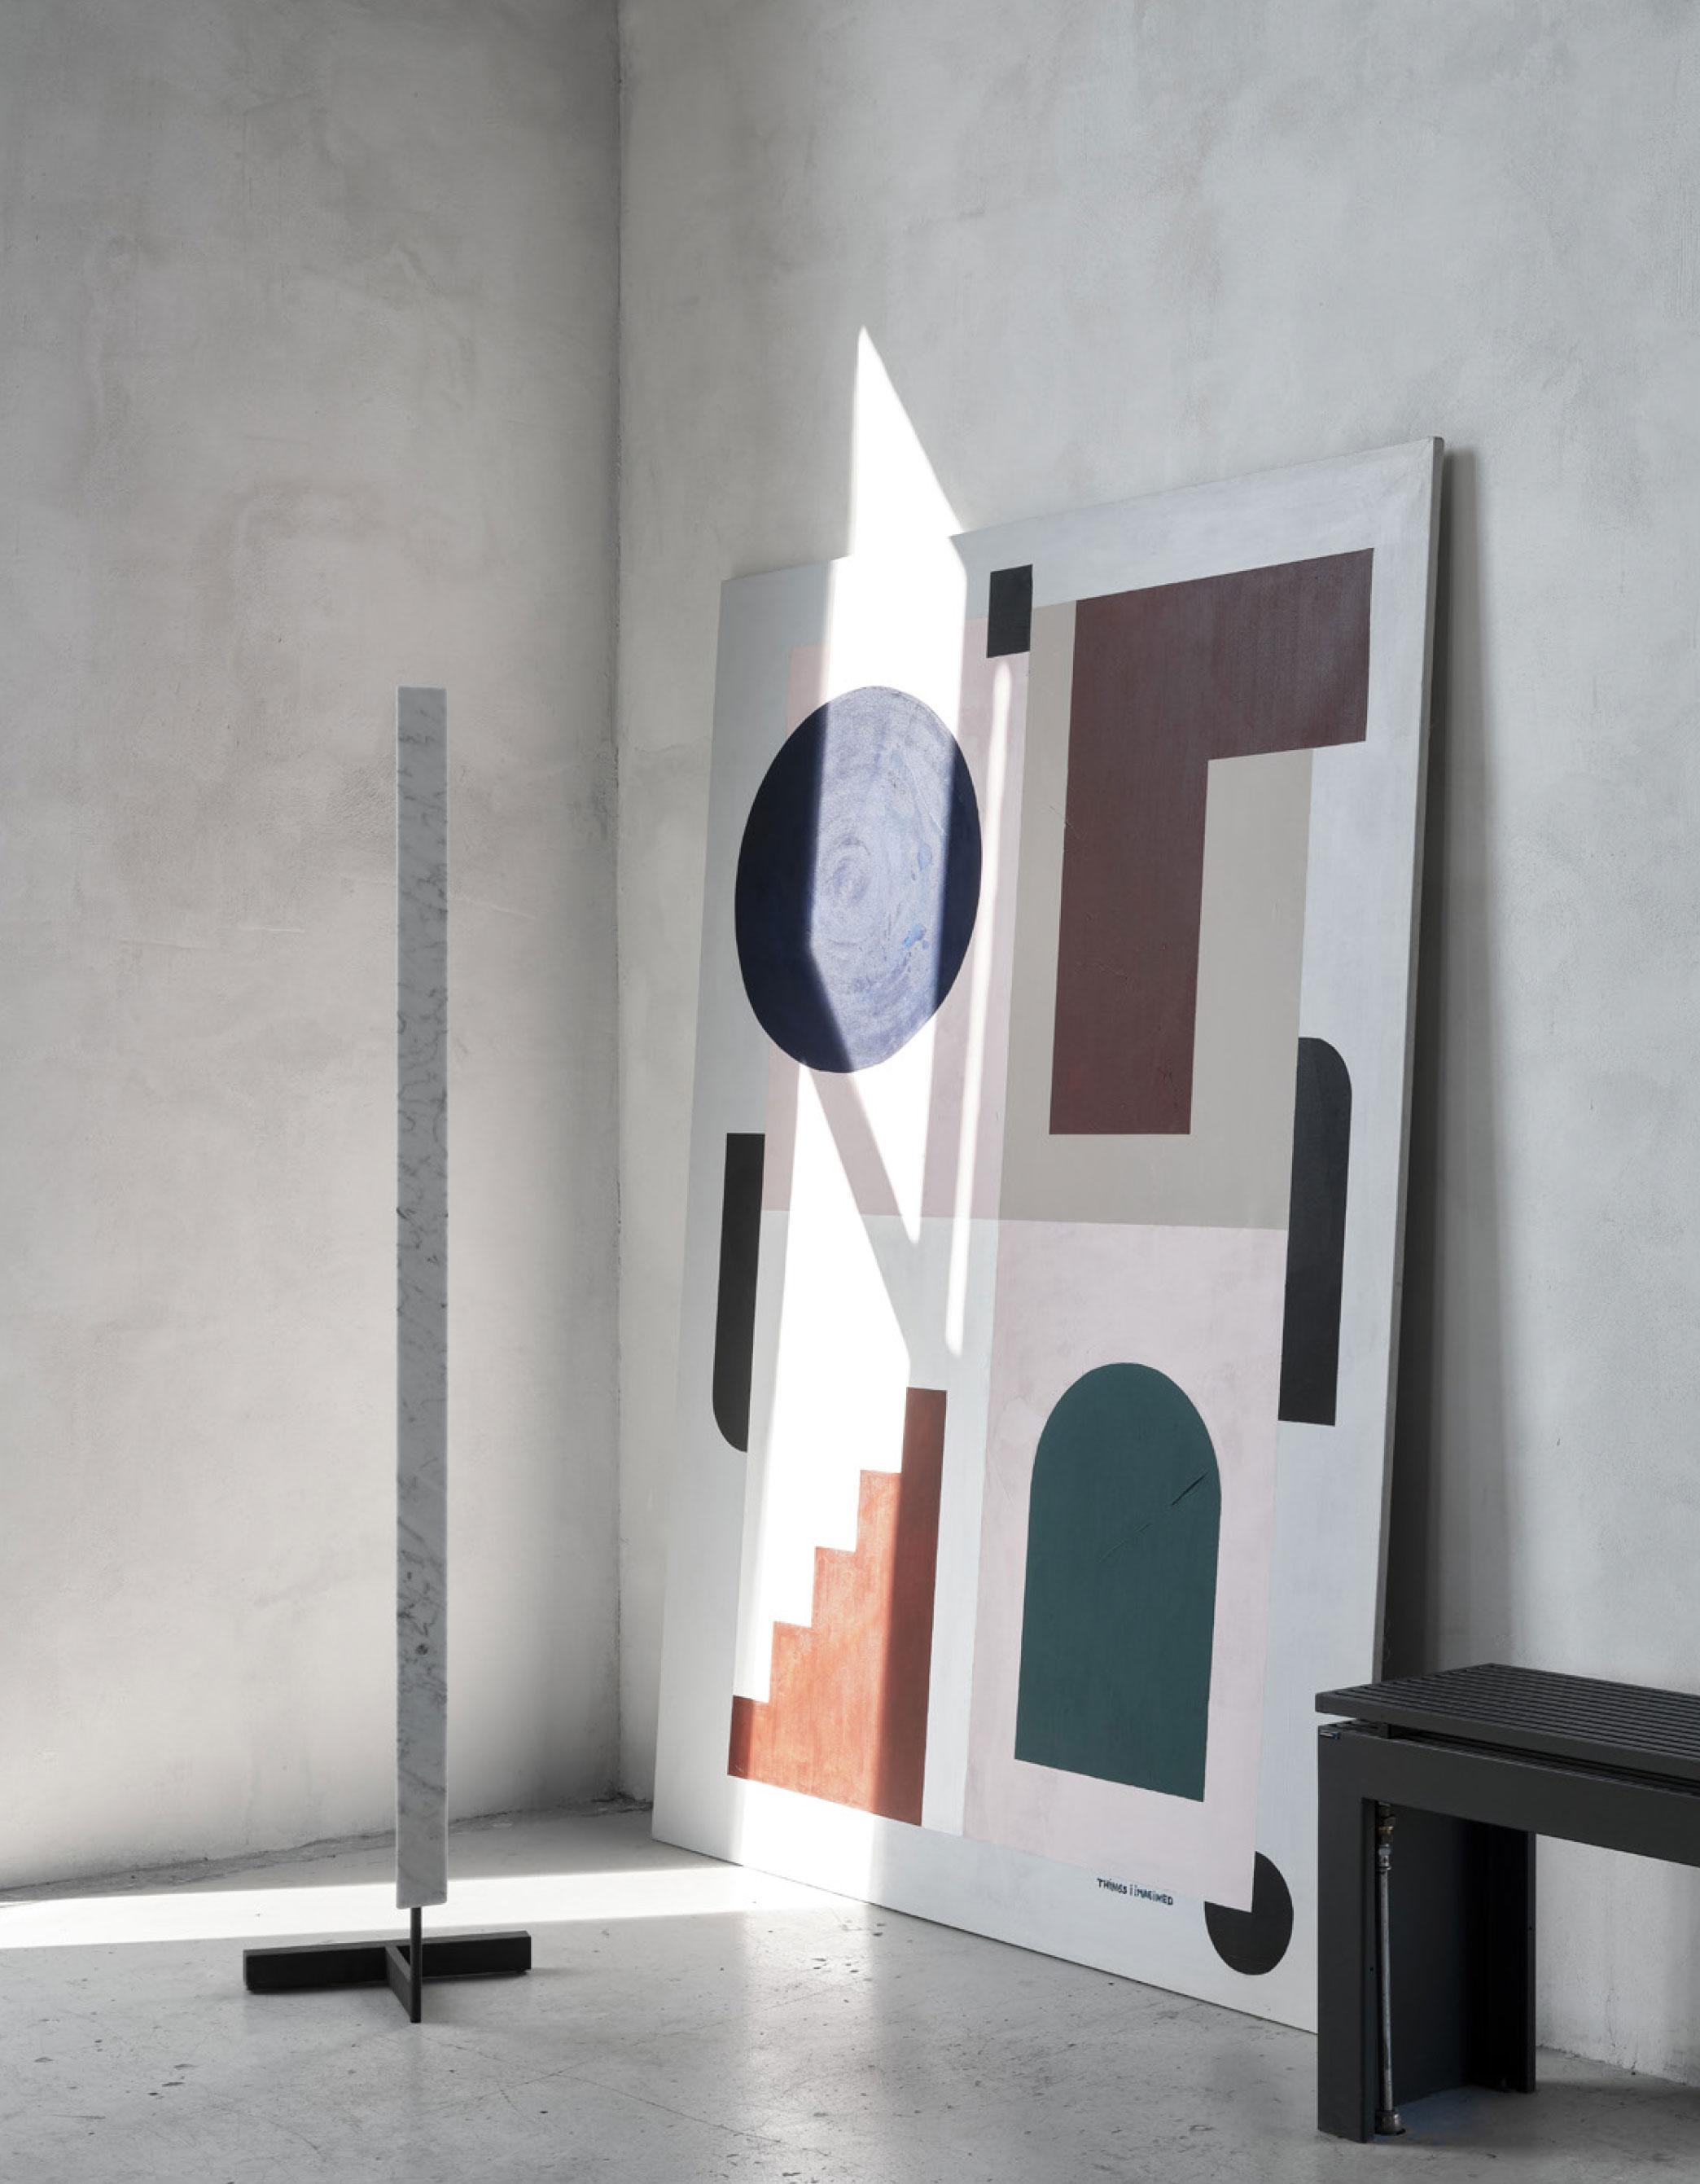 RUM-Anour-sinisalminen-thingsiimagined-3